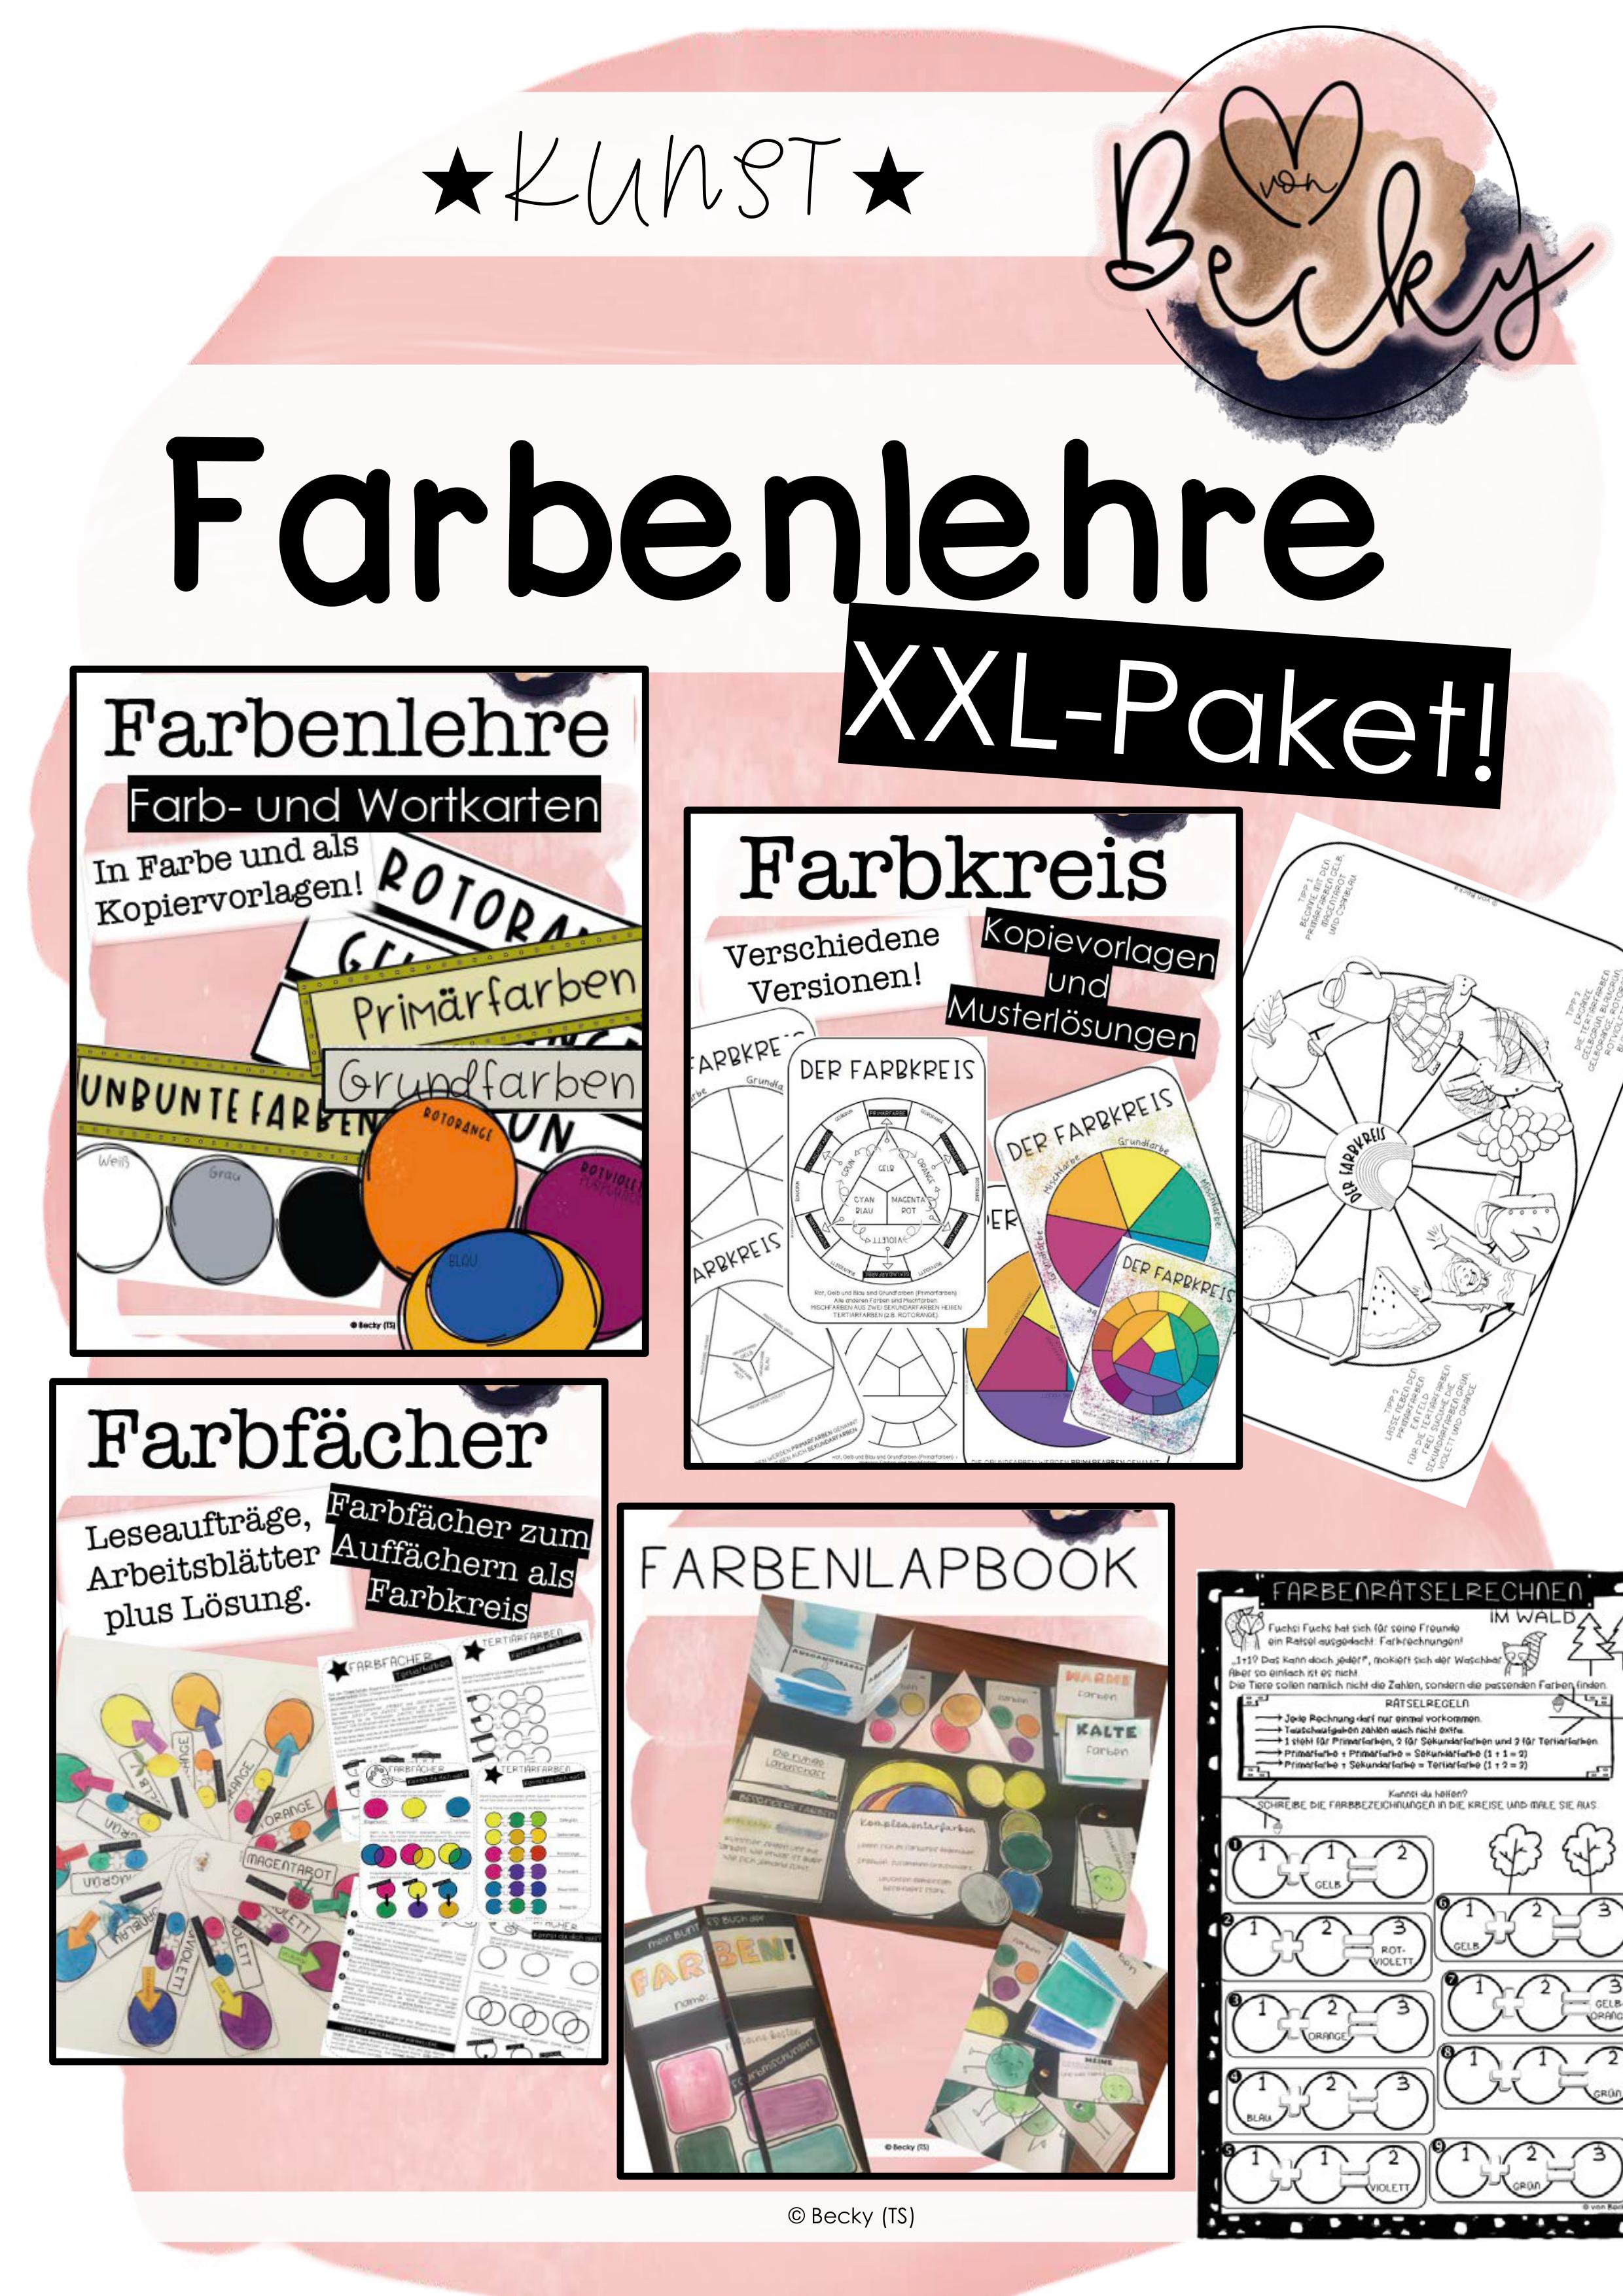 Farbenlehre Paket Kunst Unterrichtsmaterial Im Fach Kunst Farben Lehre Farbenlehre Kunst Unterrichten